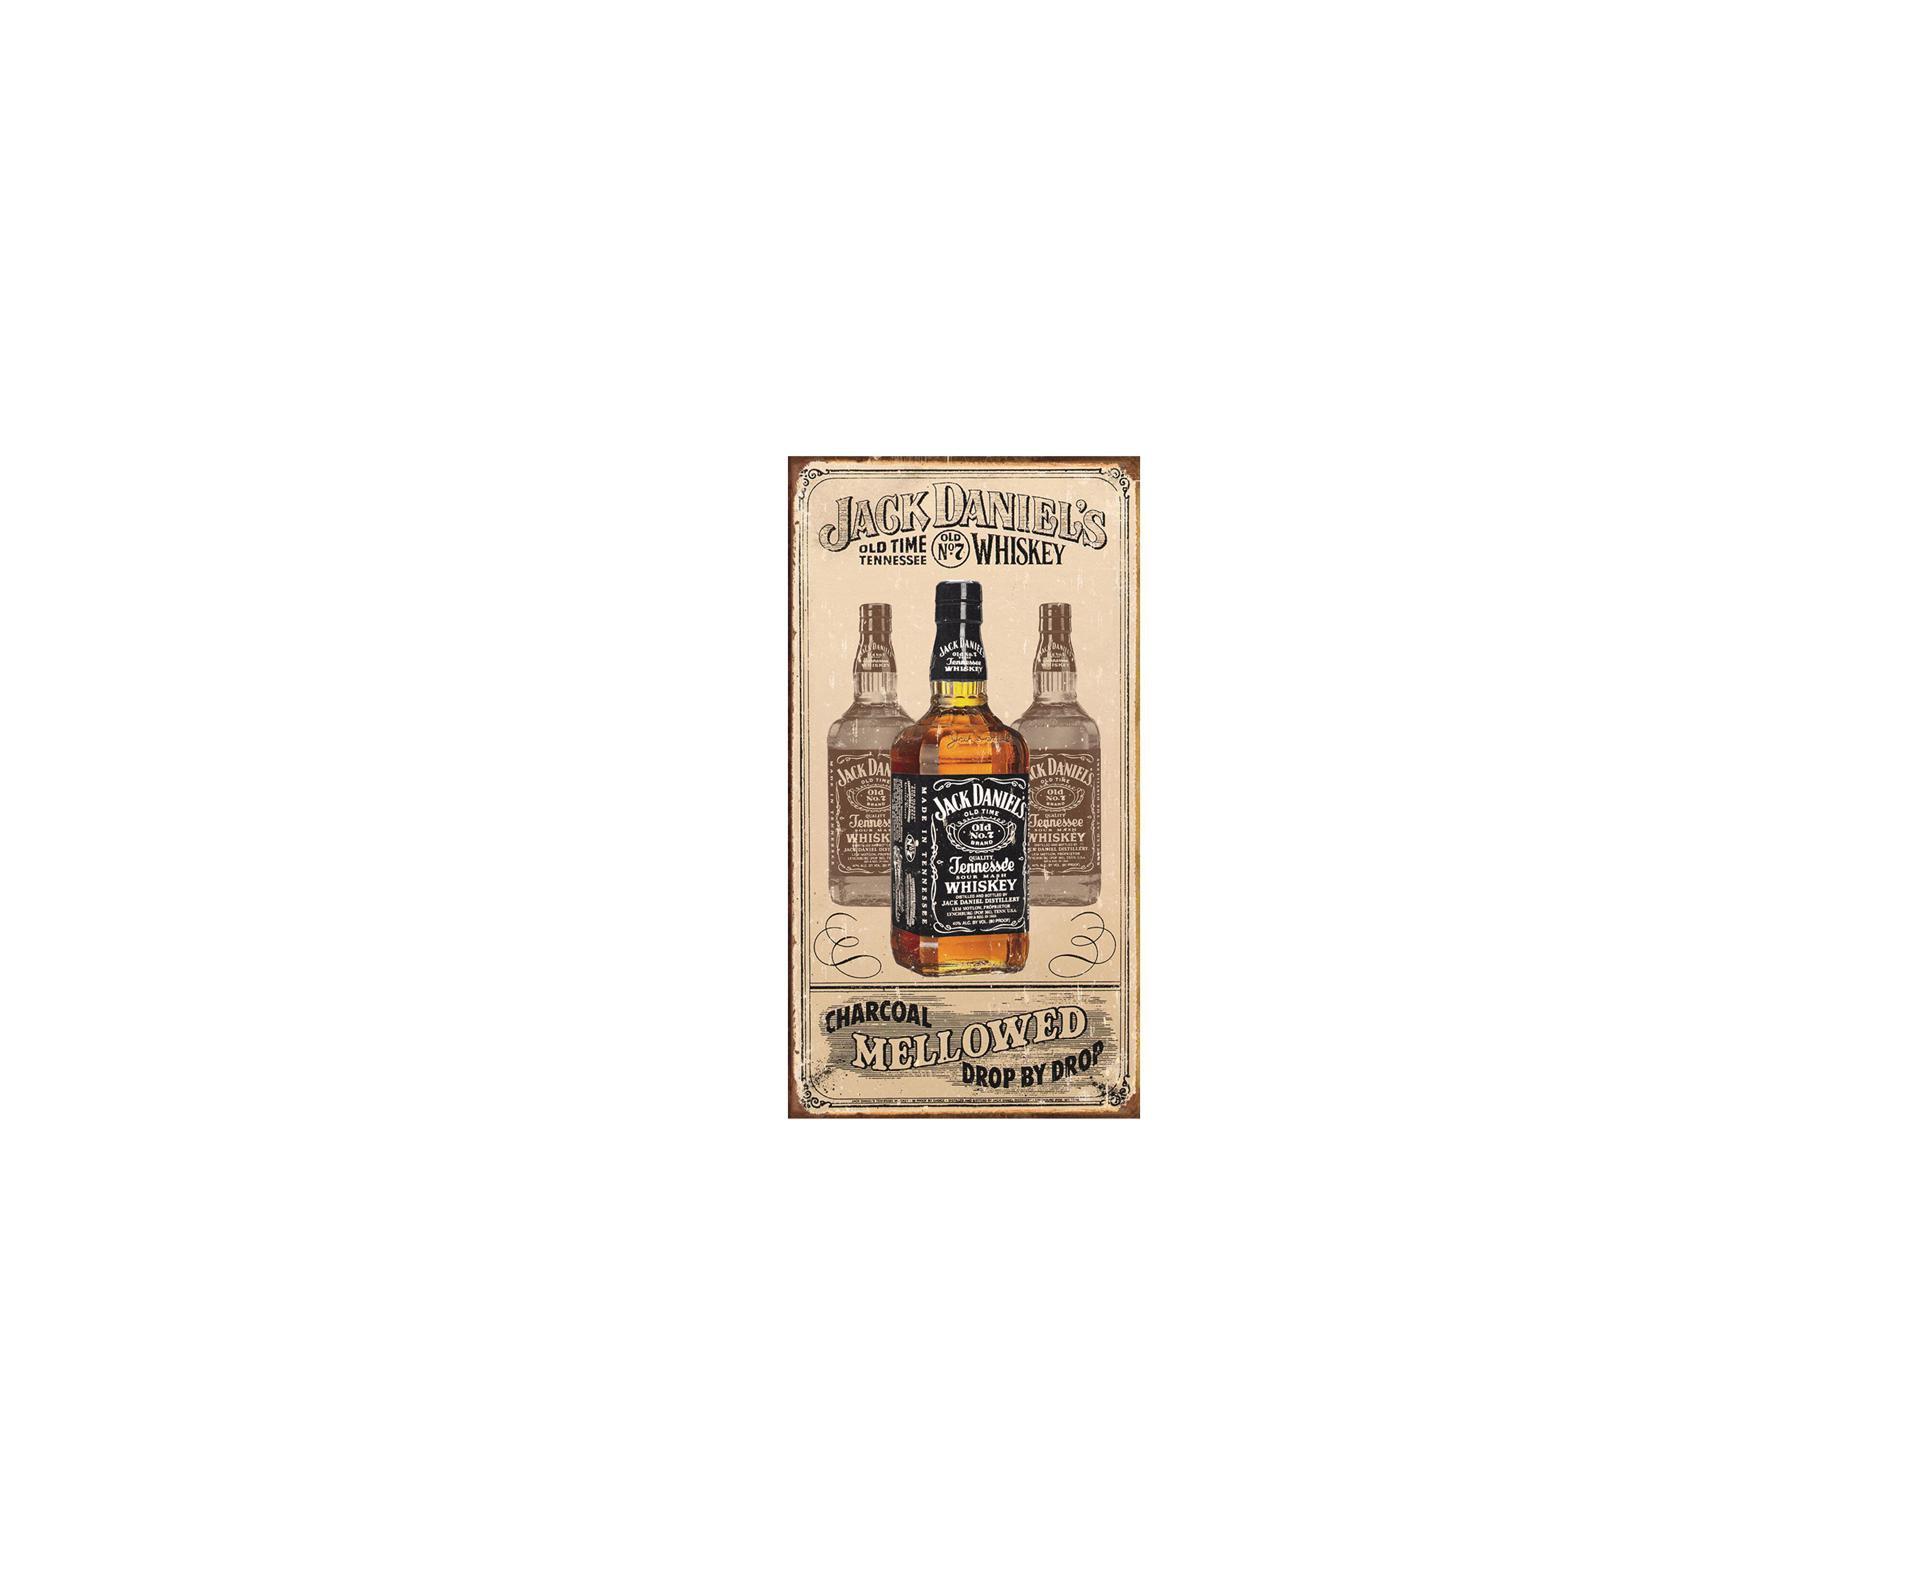 Placa Metálica Decorativa Jack Daniels Mellowed - Rossi